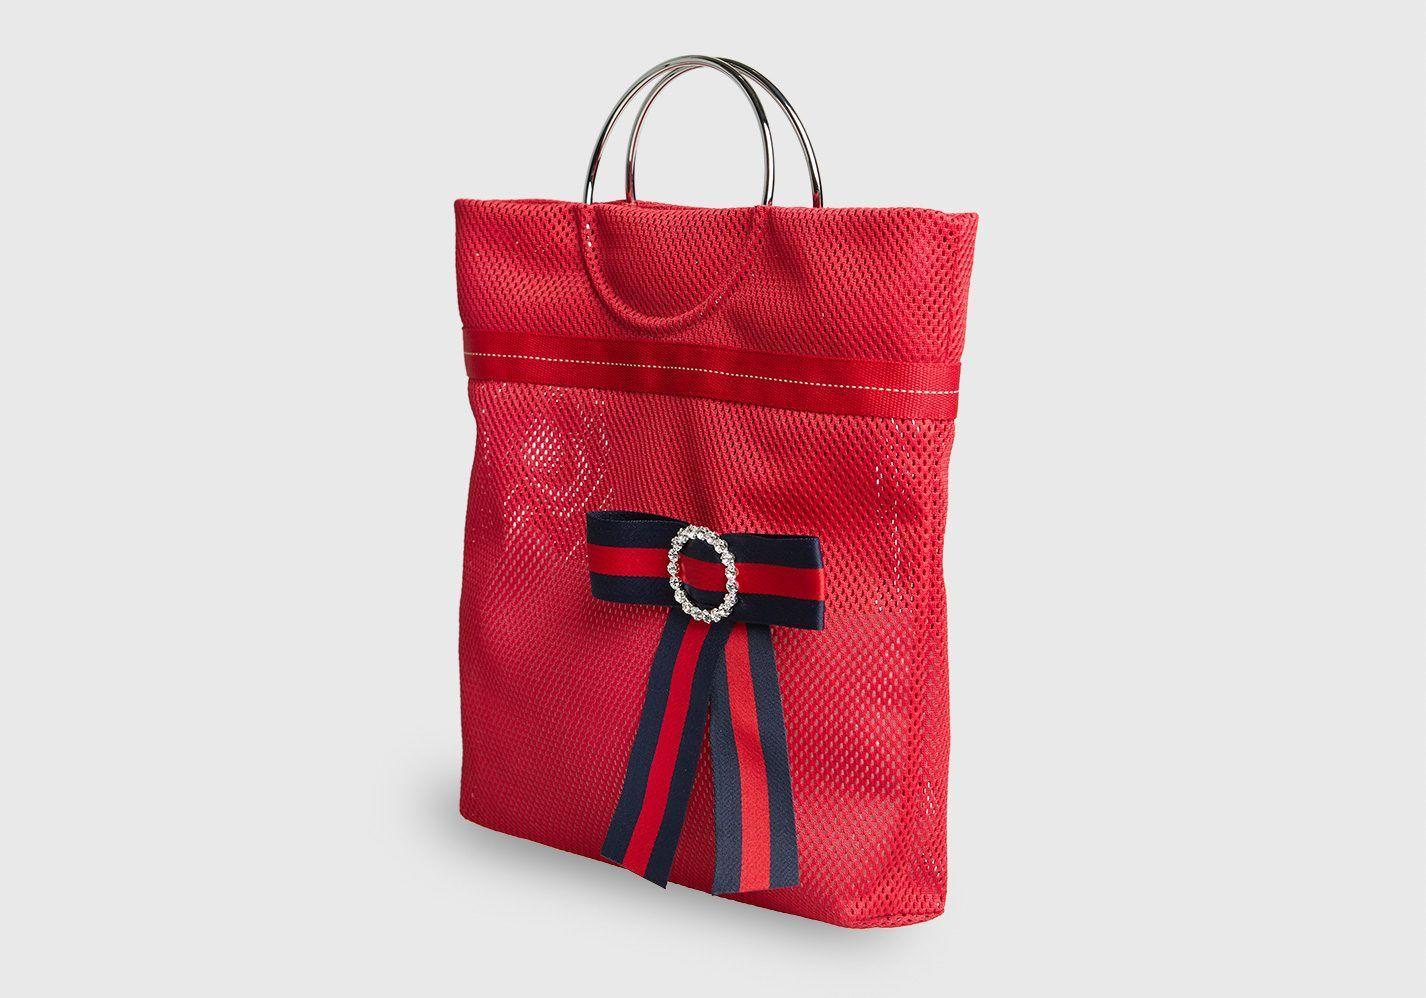 Bolso Gauguin rojo